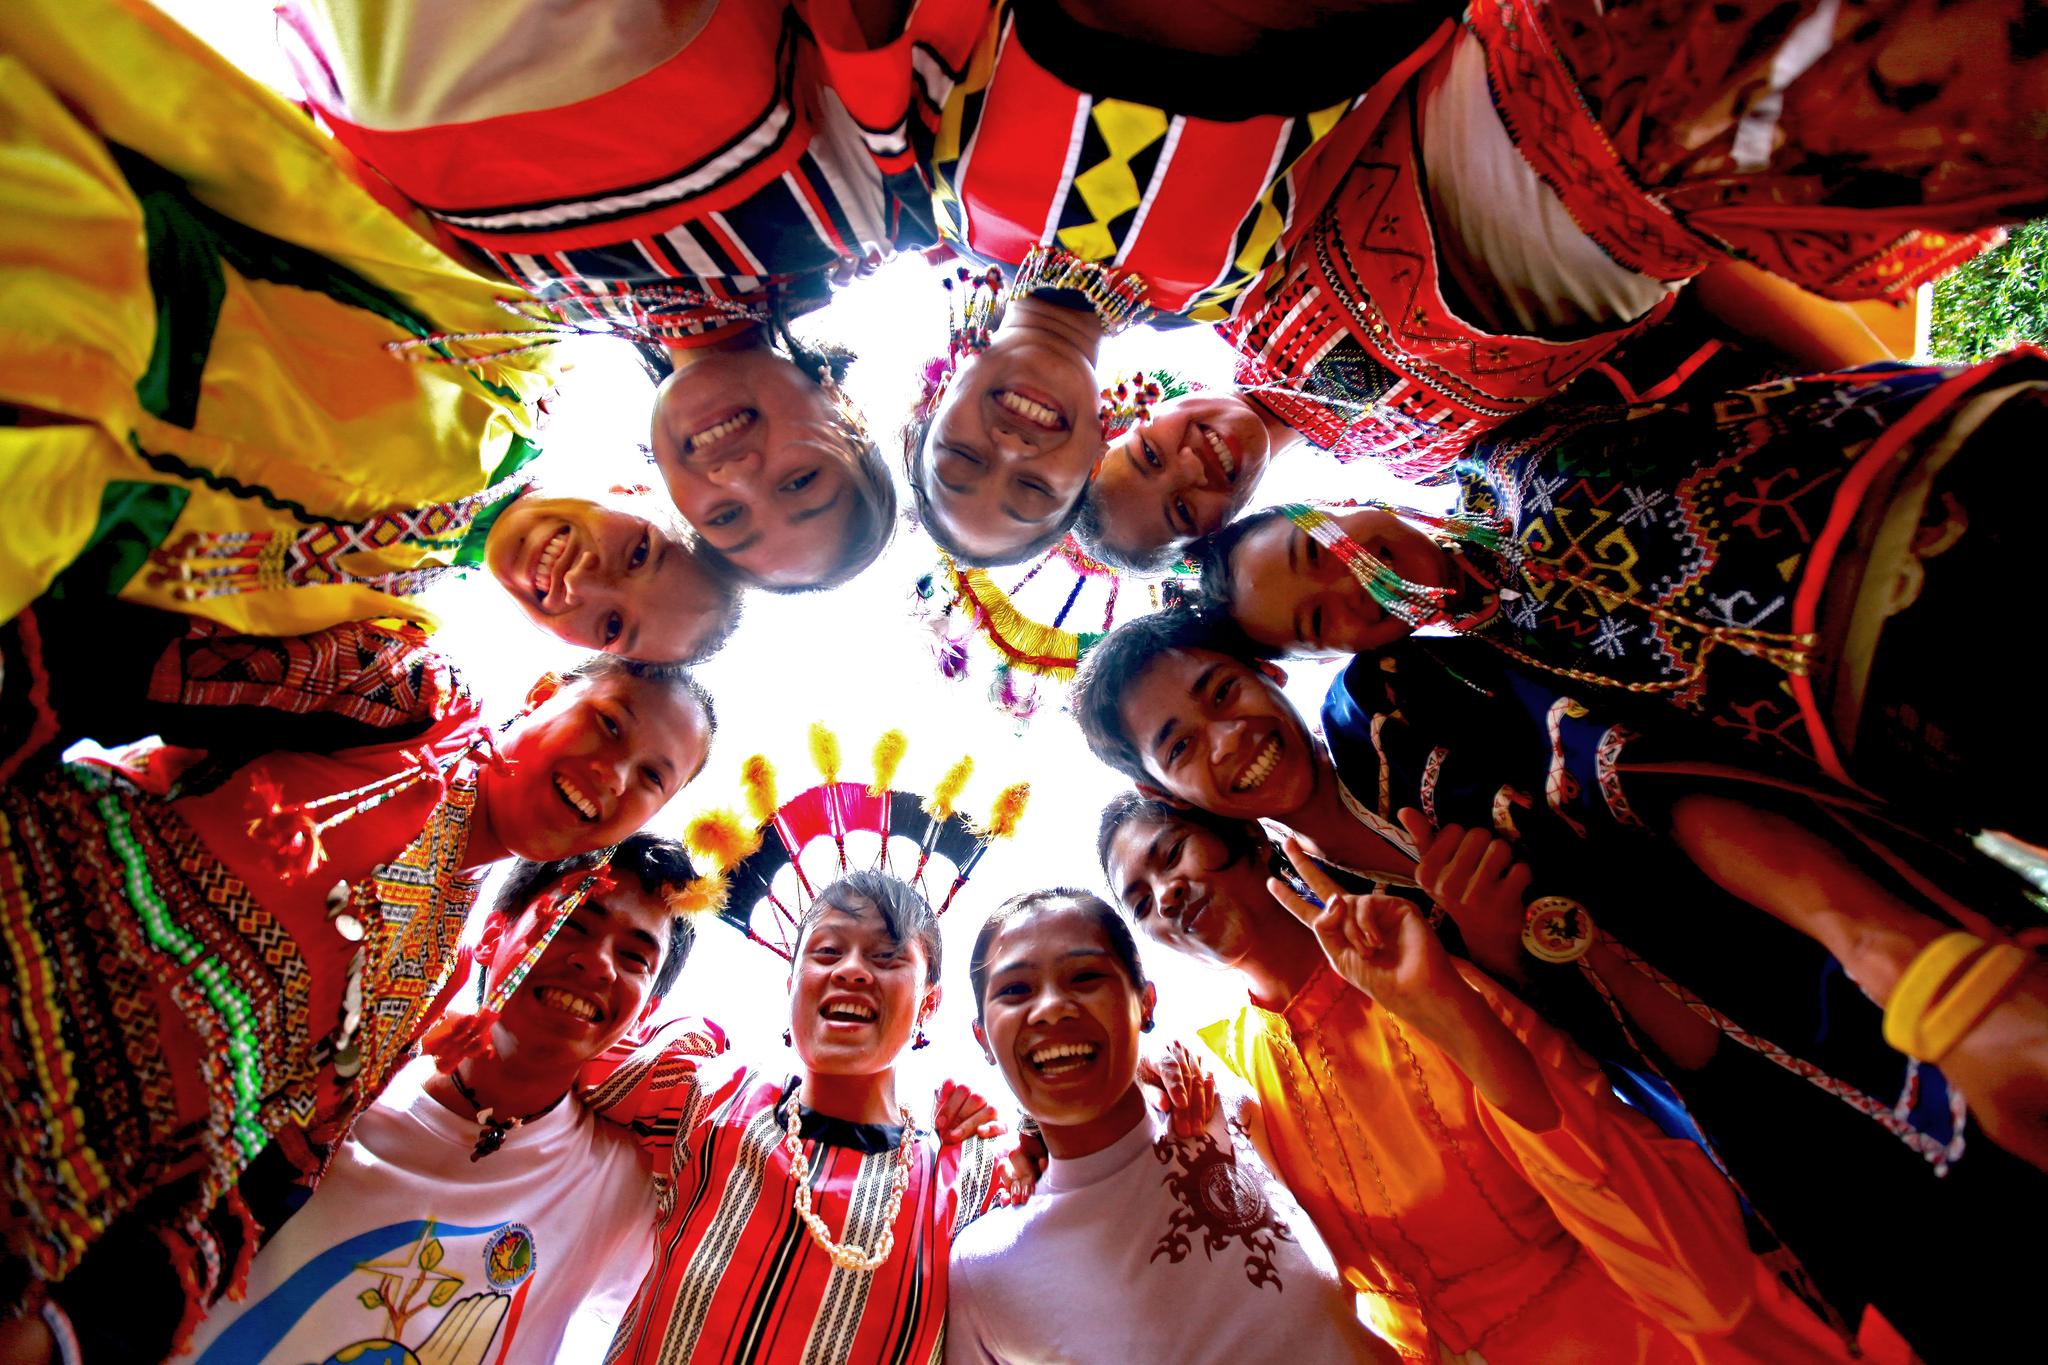 разнообразная культура в мире фото